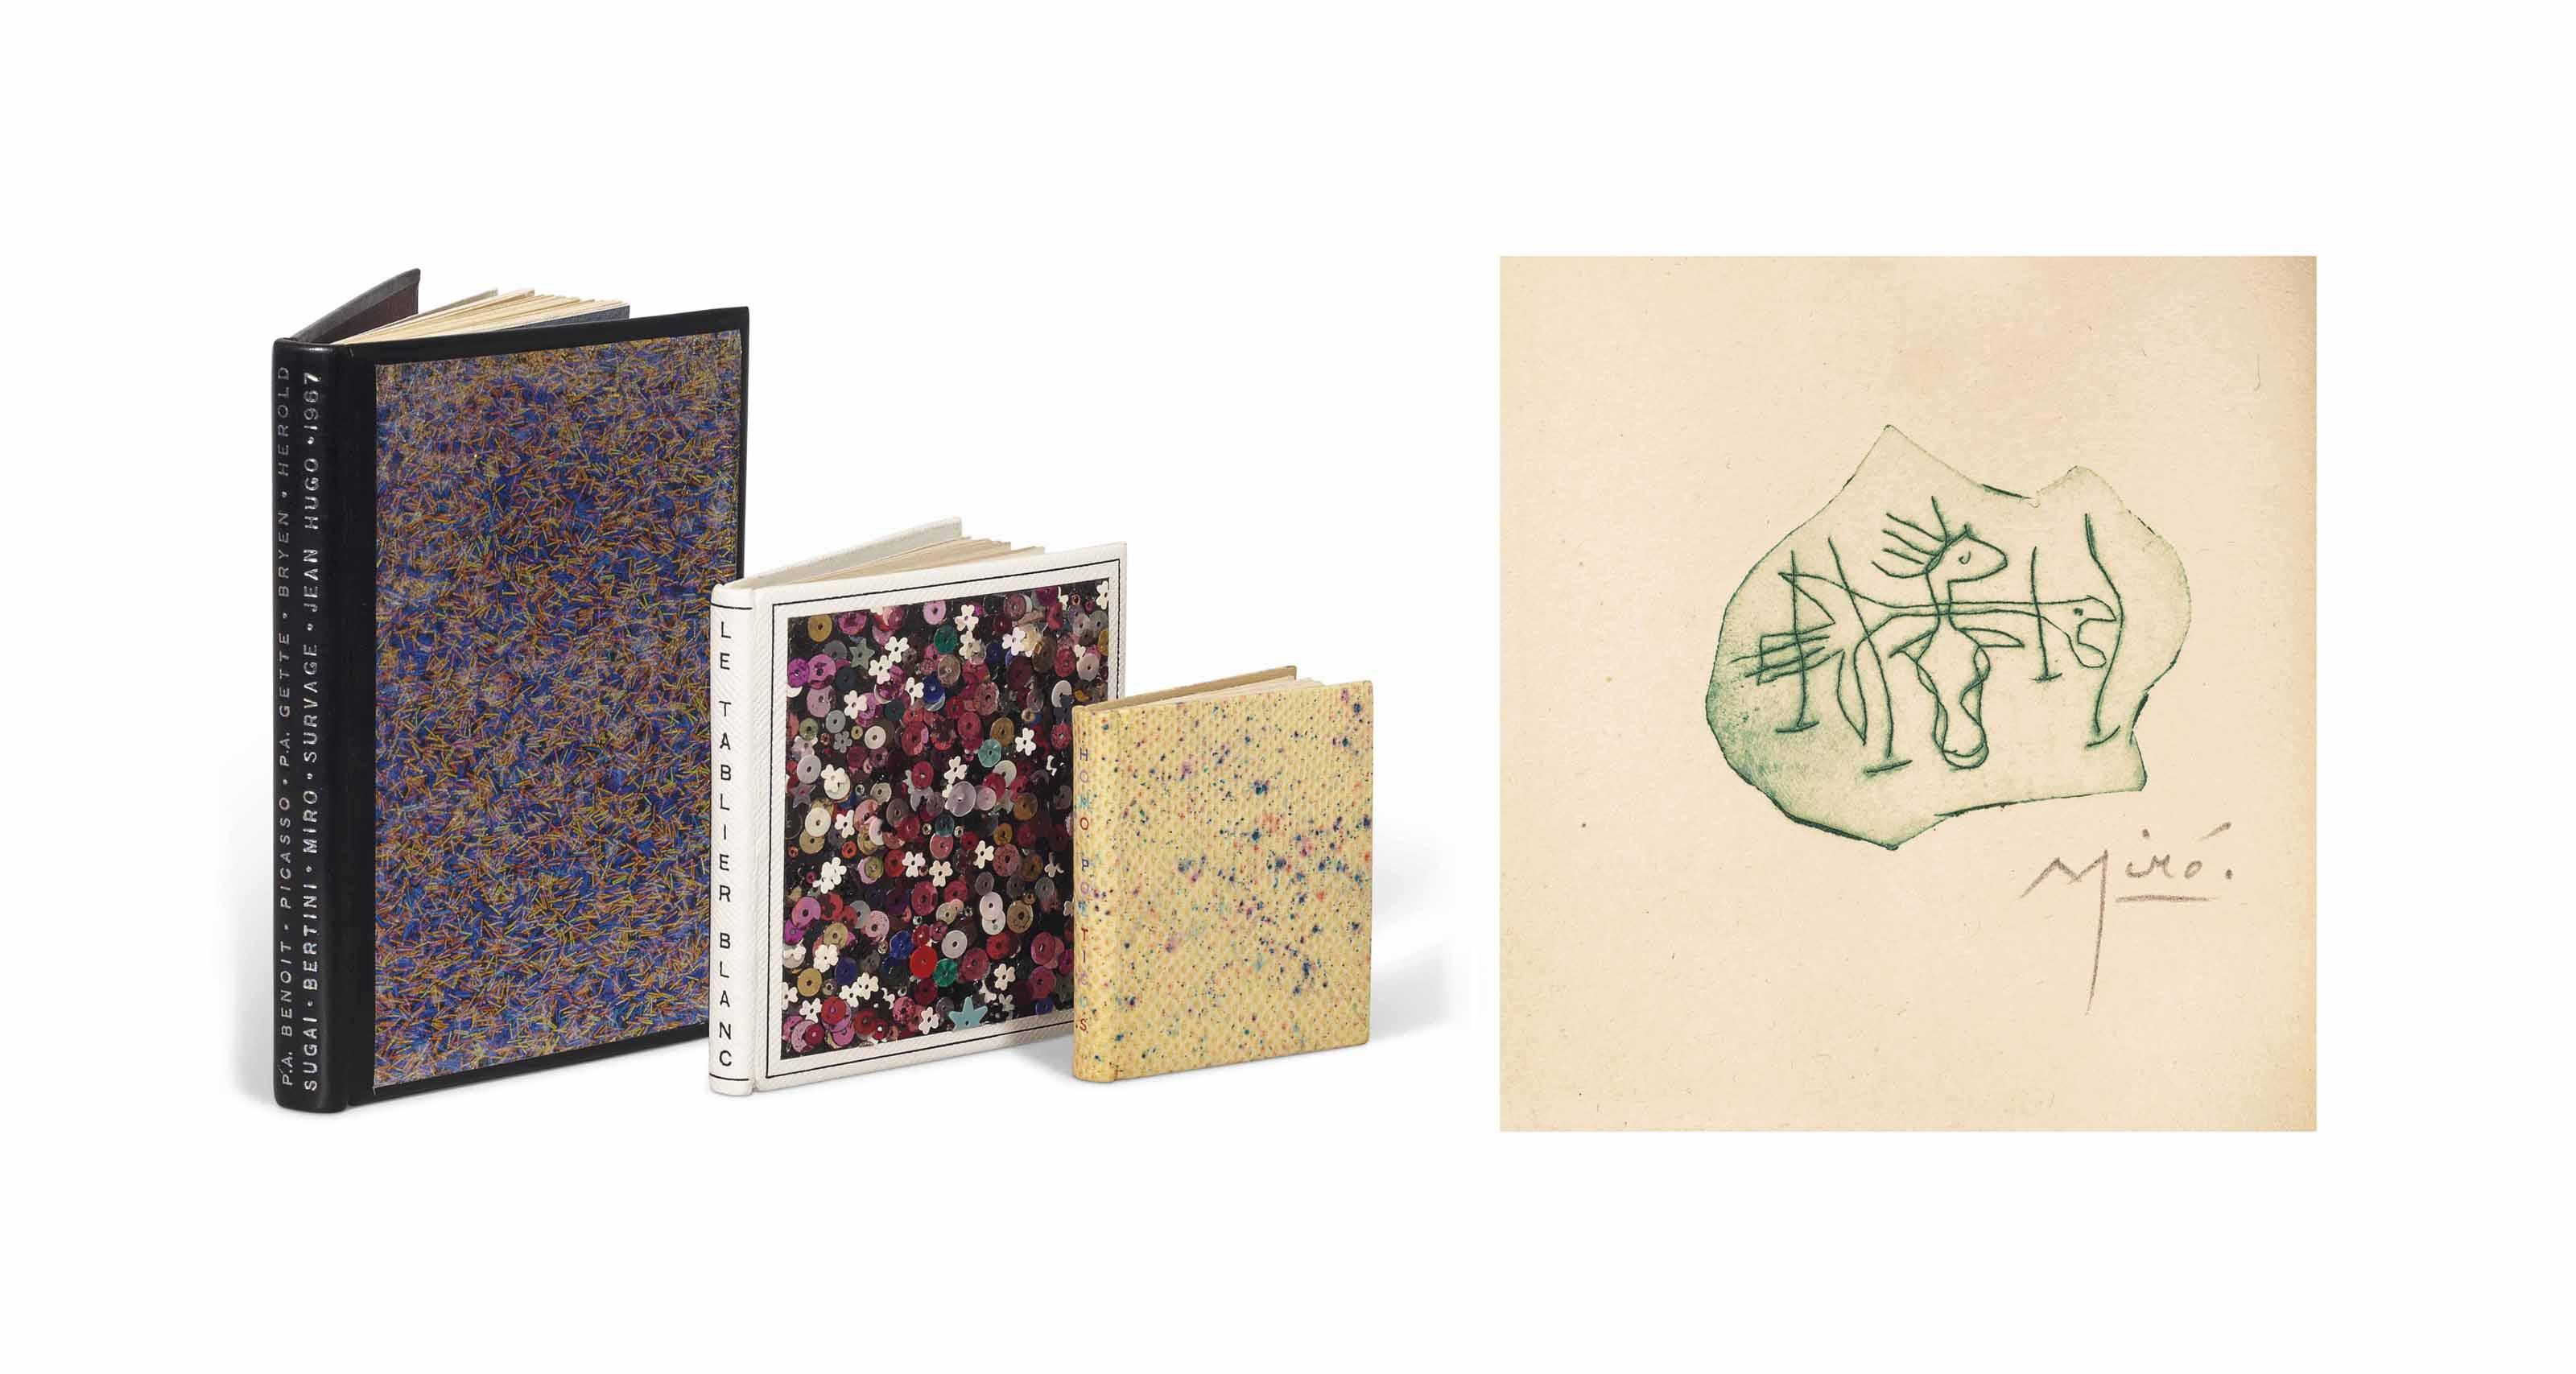 [MIRÓ] – Lise DEHARME (1898-1980). Le Tablier blanc. Alès : PAB, février 1958. Petit in-16 carré (81 x 75 mm). Une gravure originale de Joan Miró sur linoleum, tirée en noir et non signée. Reliure signée Leroux au contreplat et datée 1987, veau blanc estampé à froid d'un fin quadrillage, plats recouverts de sequins à coudre de différentes couleurs, dos lisse, doublure et gardes de box blanc, couverture, chemise et étui assortis.